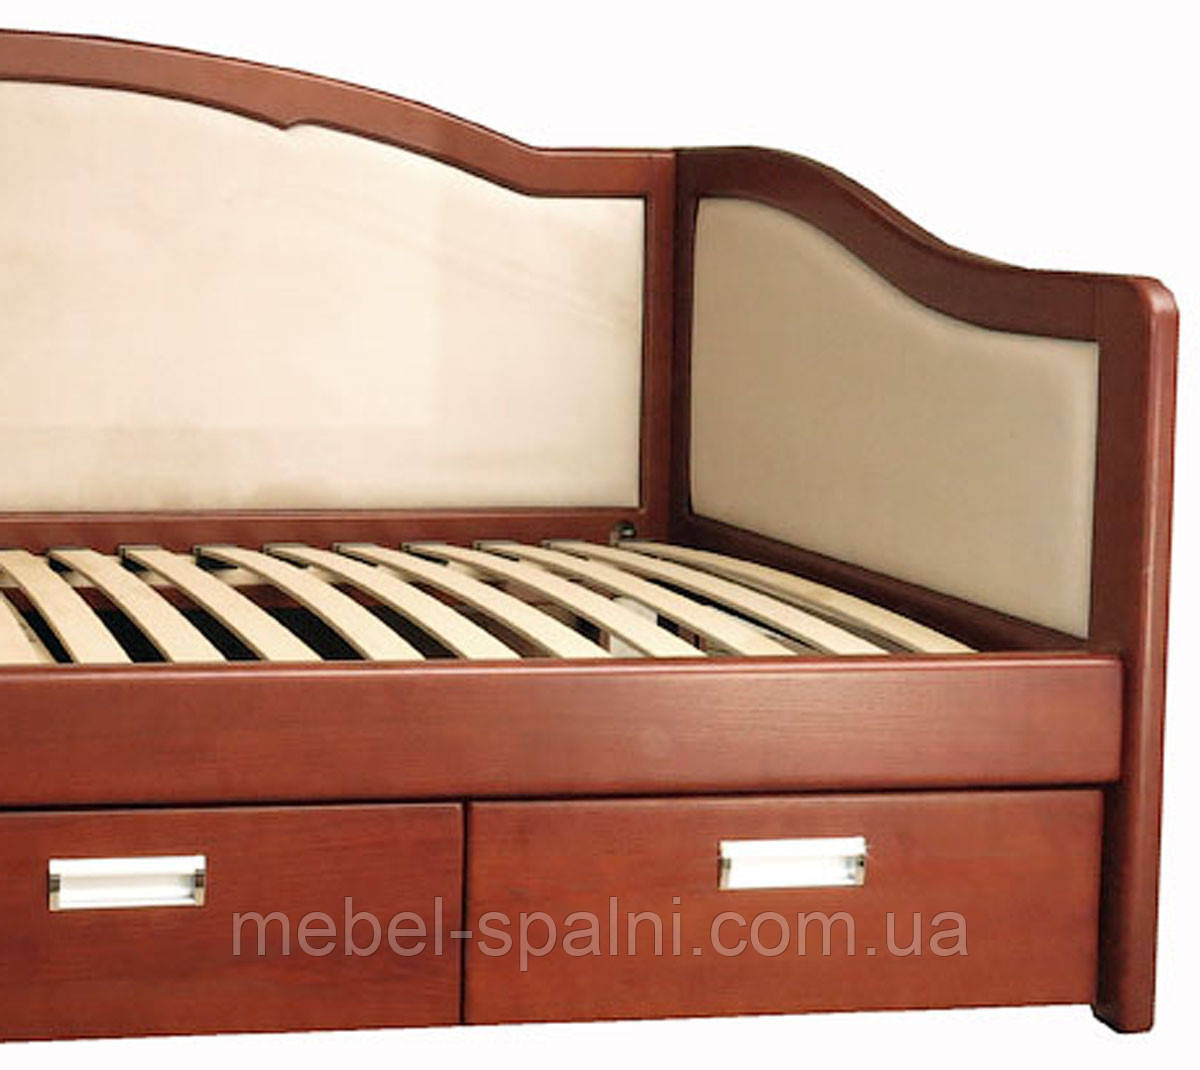 купить кровать в одессе деревянная диван кровать полуторная с